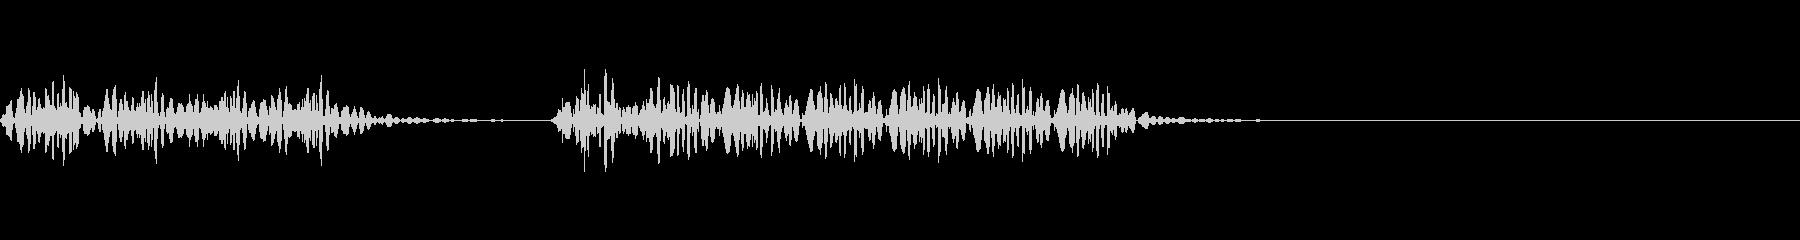 不正解のブザー音 1B ブブッの未再生の波形